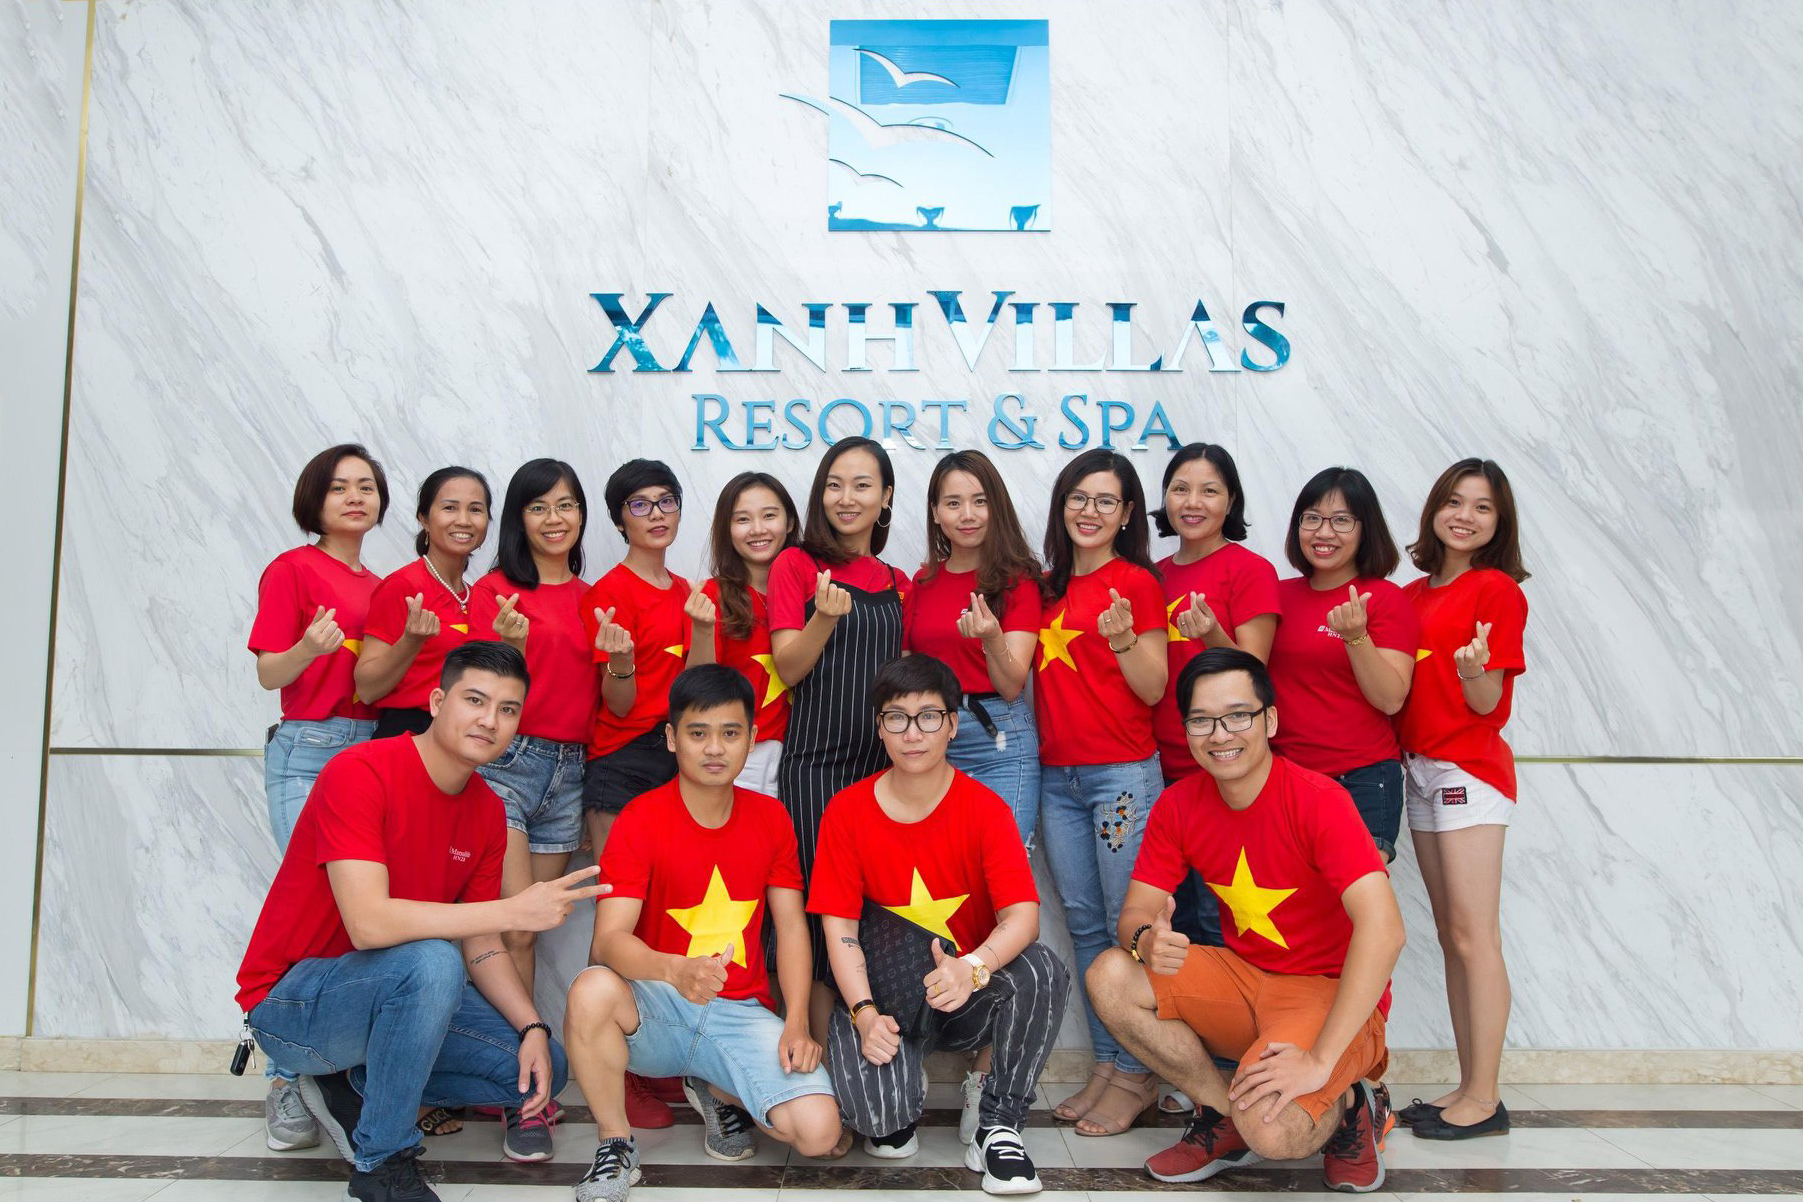 Hà Nội – Xanh Villas – Chương trình Teambuilding kết hợp thi nấu ăn